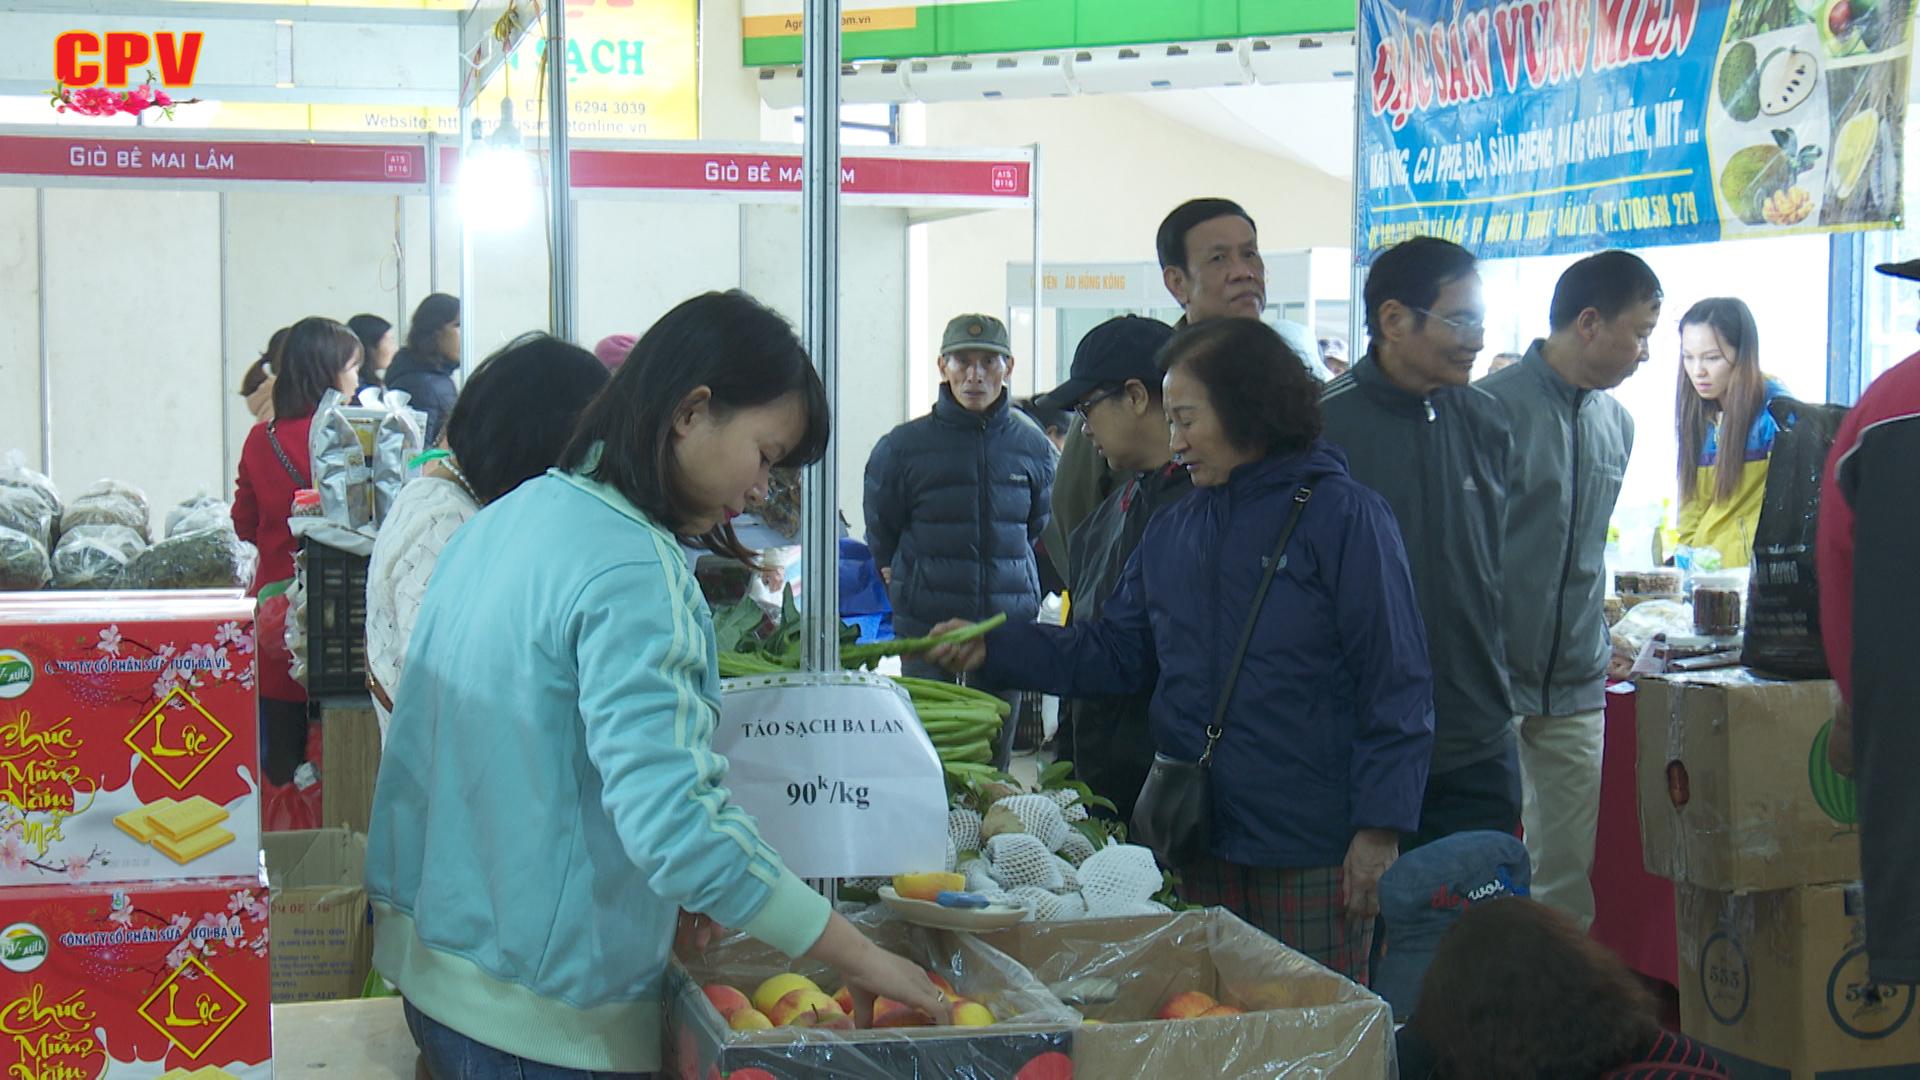 Hội chợ Xuân Canh Tý 2020 - Nơi hội tụ tinh hoa đất Việt